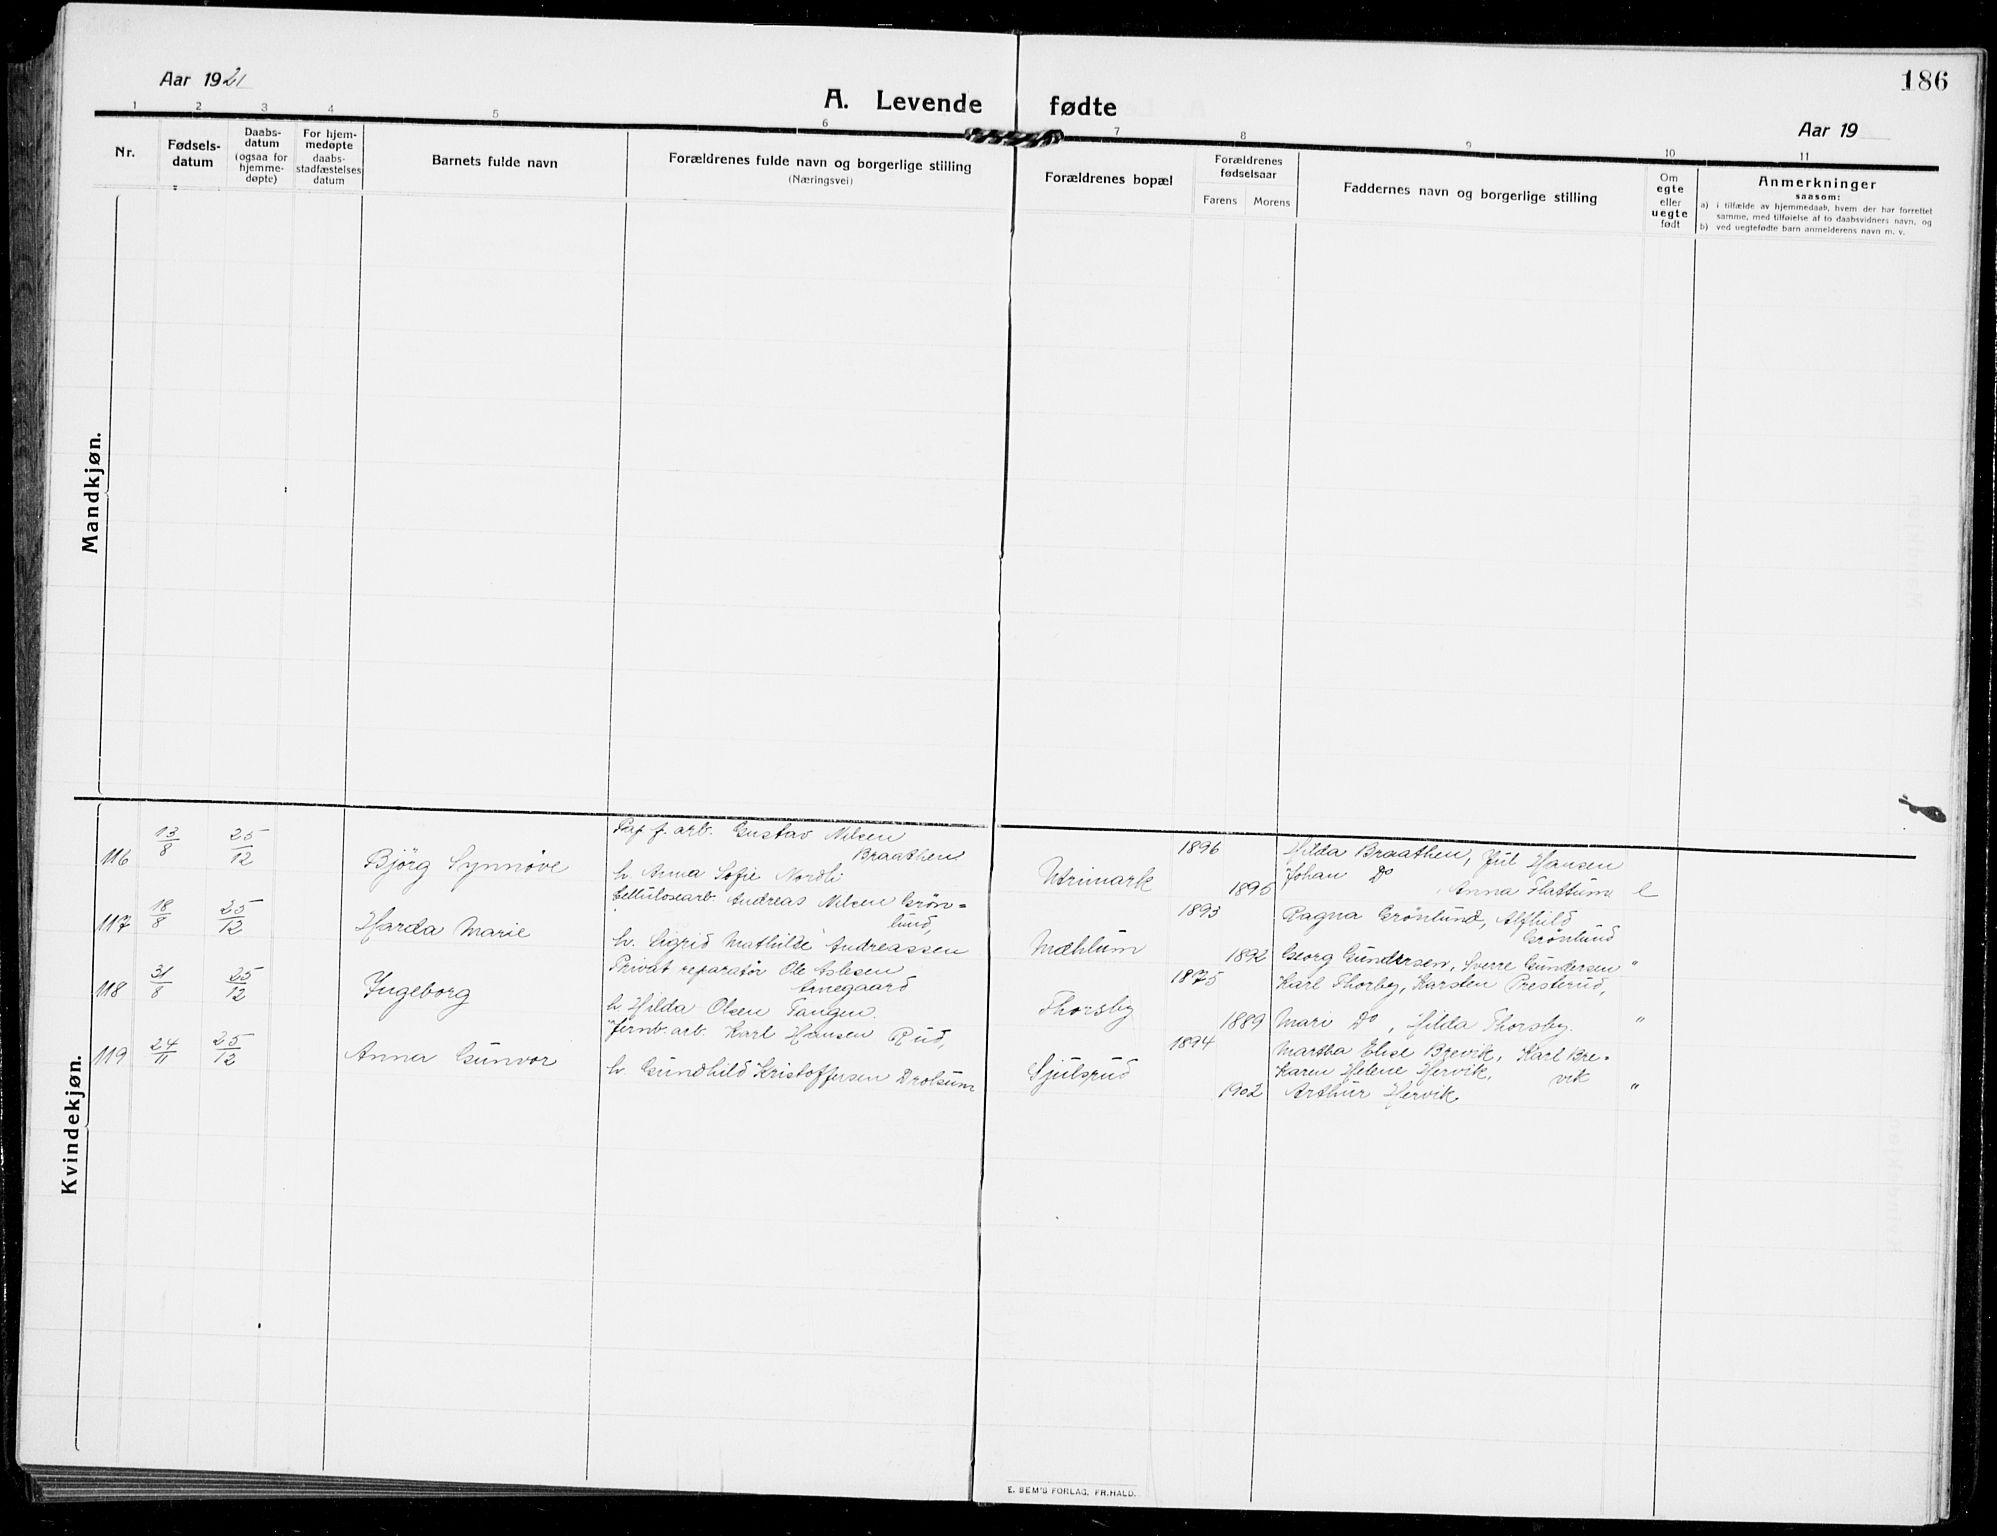 SAKO, Modum kirkebøker, G/Ga/L0009: Klokkerbok nr. I 9, 1909-1923, s. 186